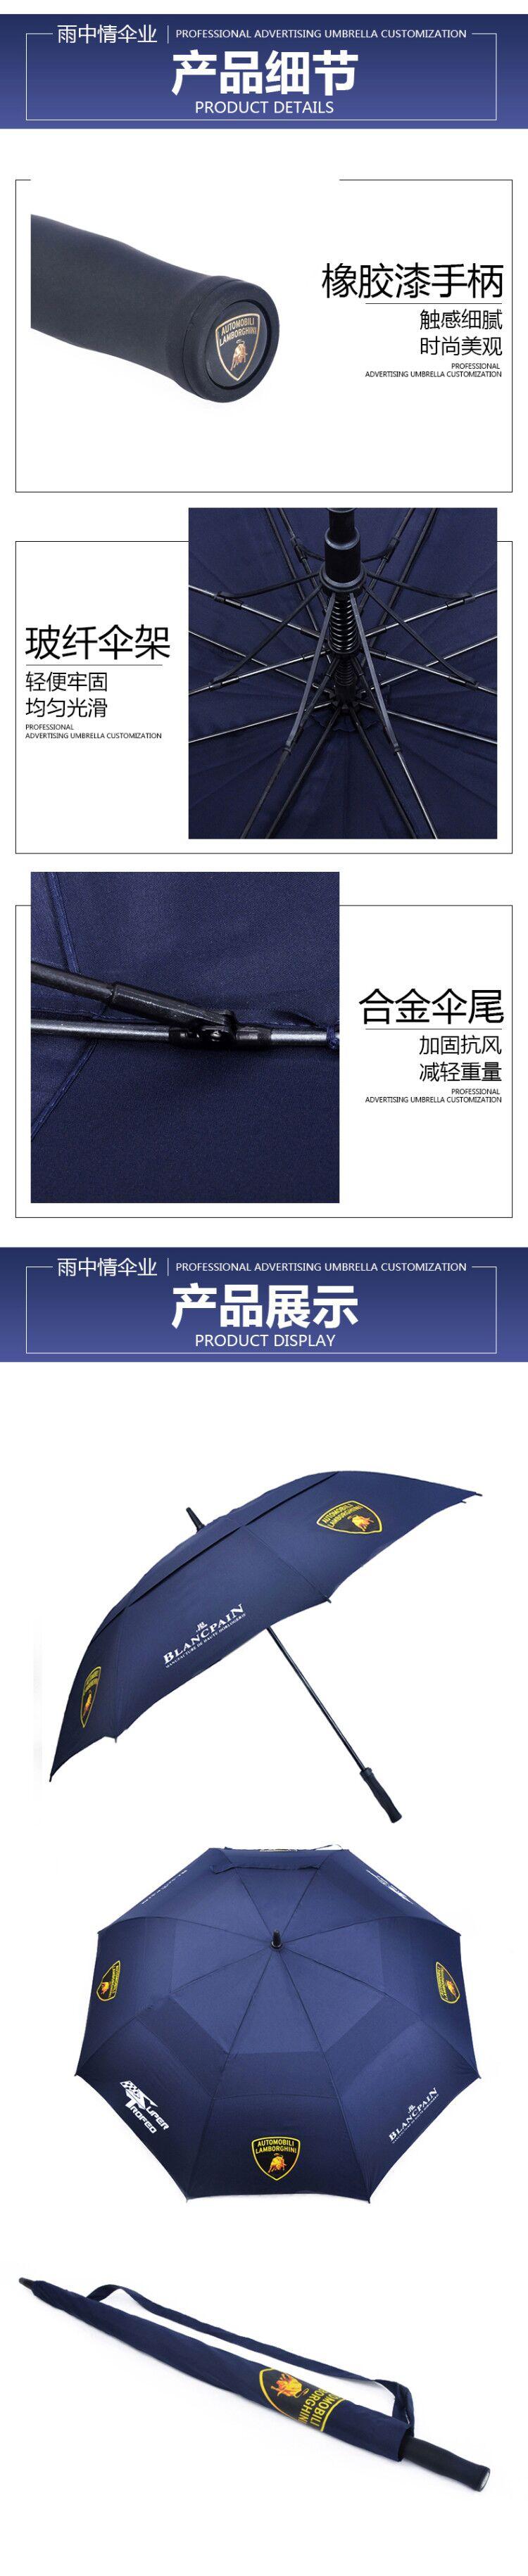 中文官网详情页2.jpg